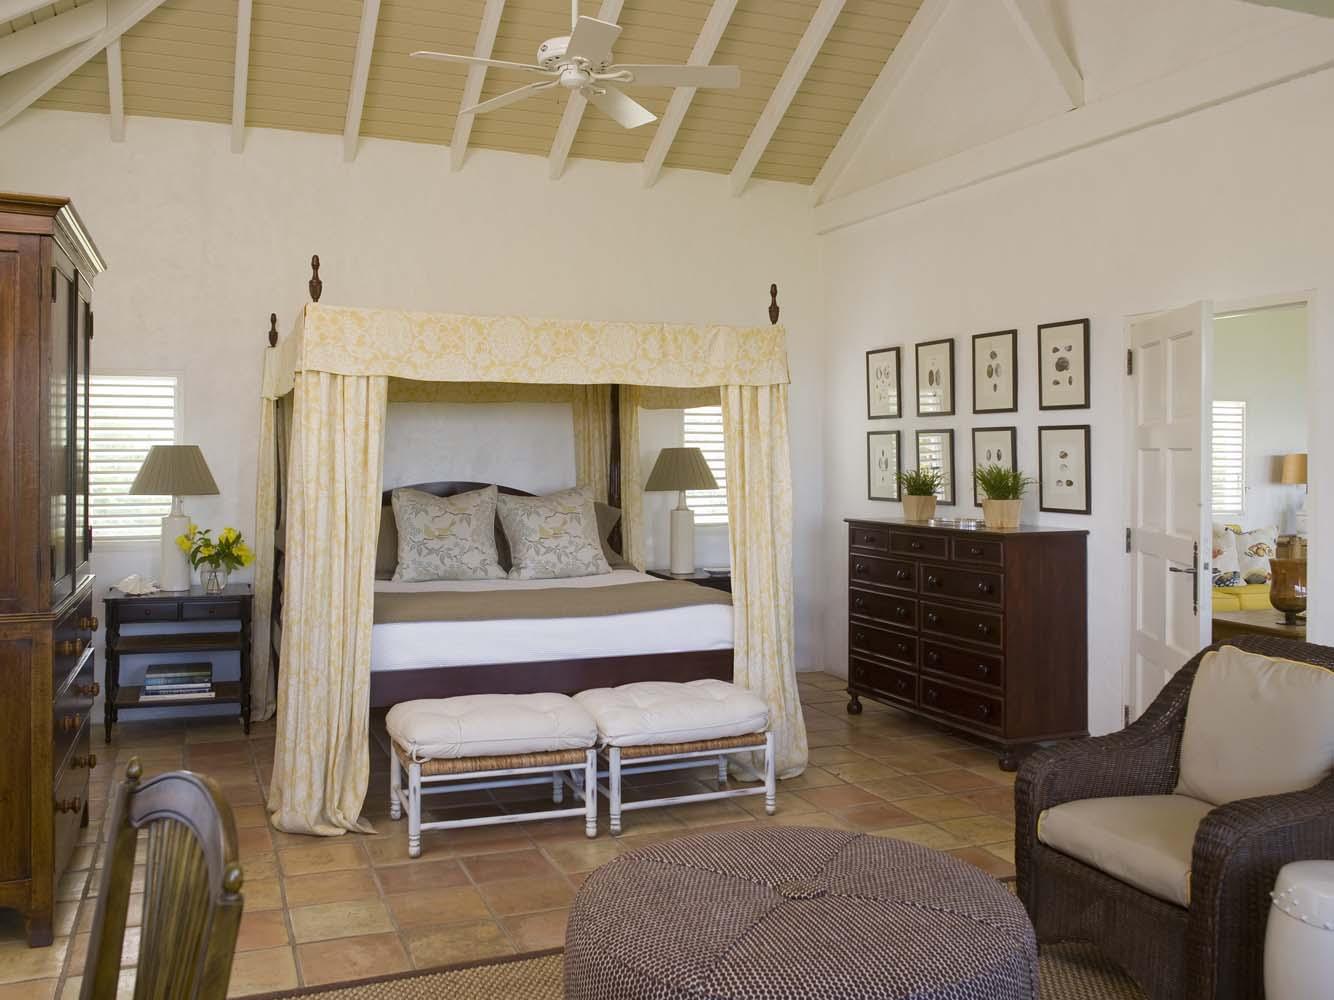 La Croisette villa rental, Baie Longue, Terres-Basses, Saint Martin, Caribbean.